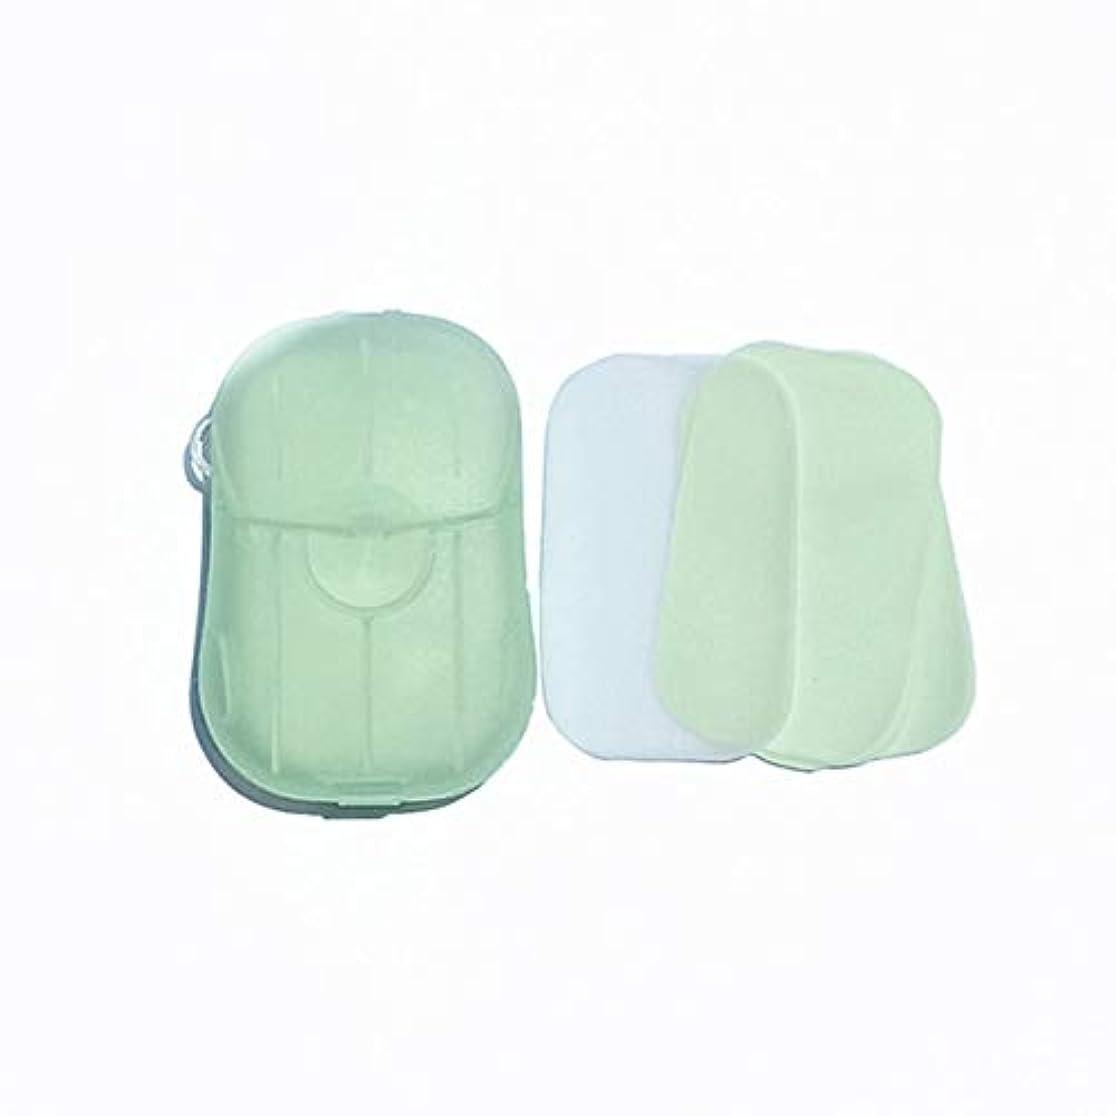 意図する方言一過性Feglin-joy ペーパーソープ せっけん紙 除菌 石鹸 手洗い お風呂 旅行携帯用 紙せっけん かみせっけん 香り 20枚入 ケース付き(よもぎ)